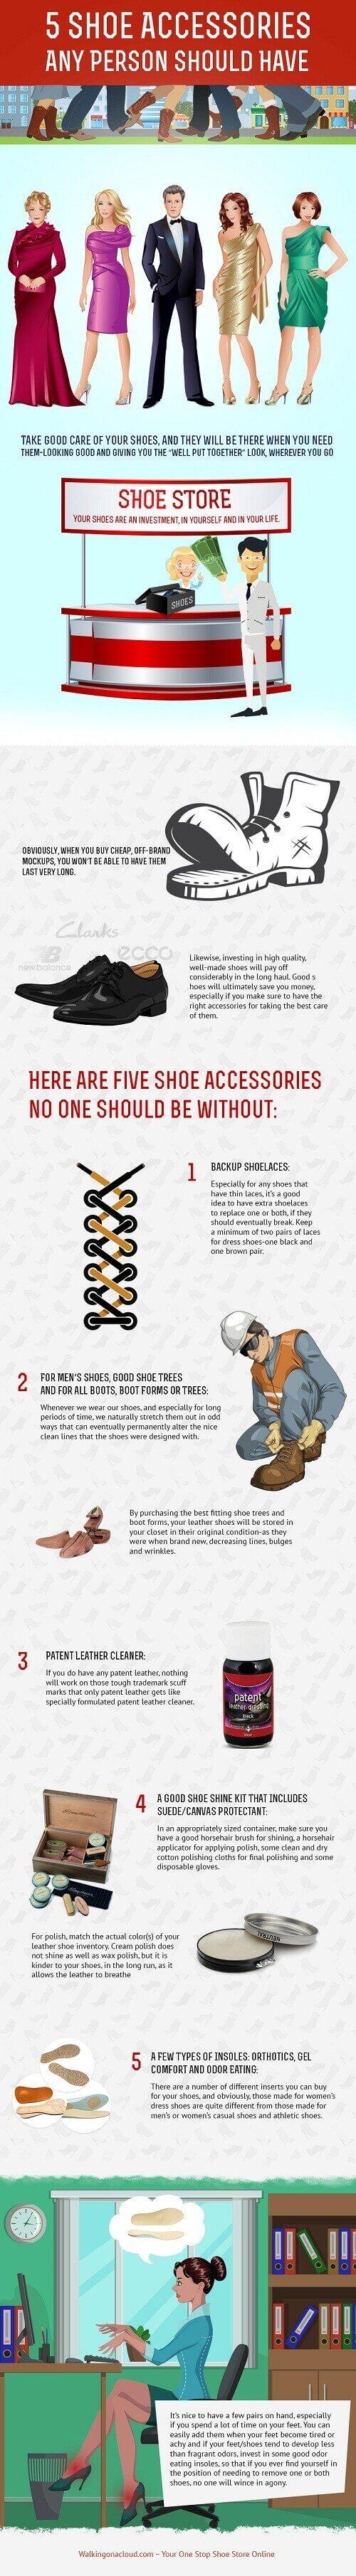 Accesorios para calzado que deberías tener #infografía